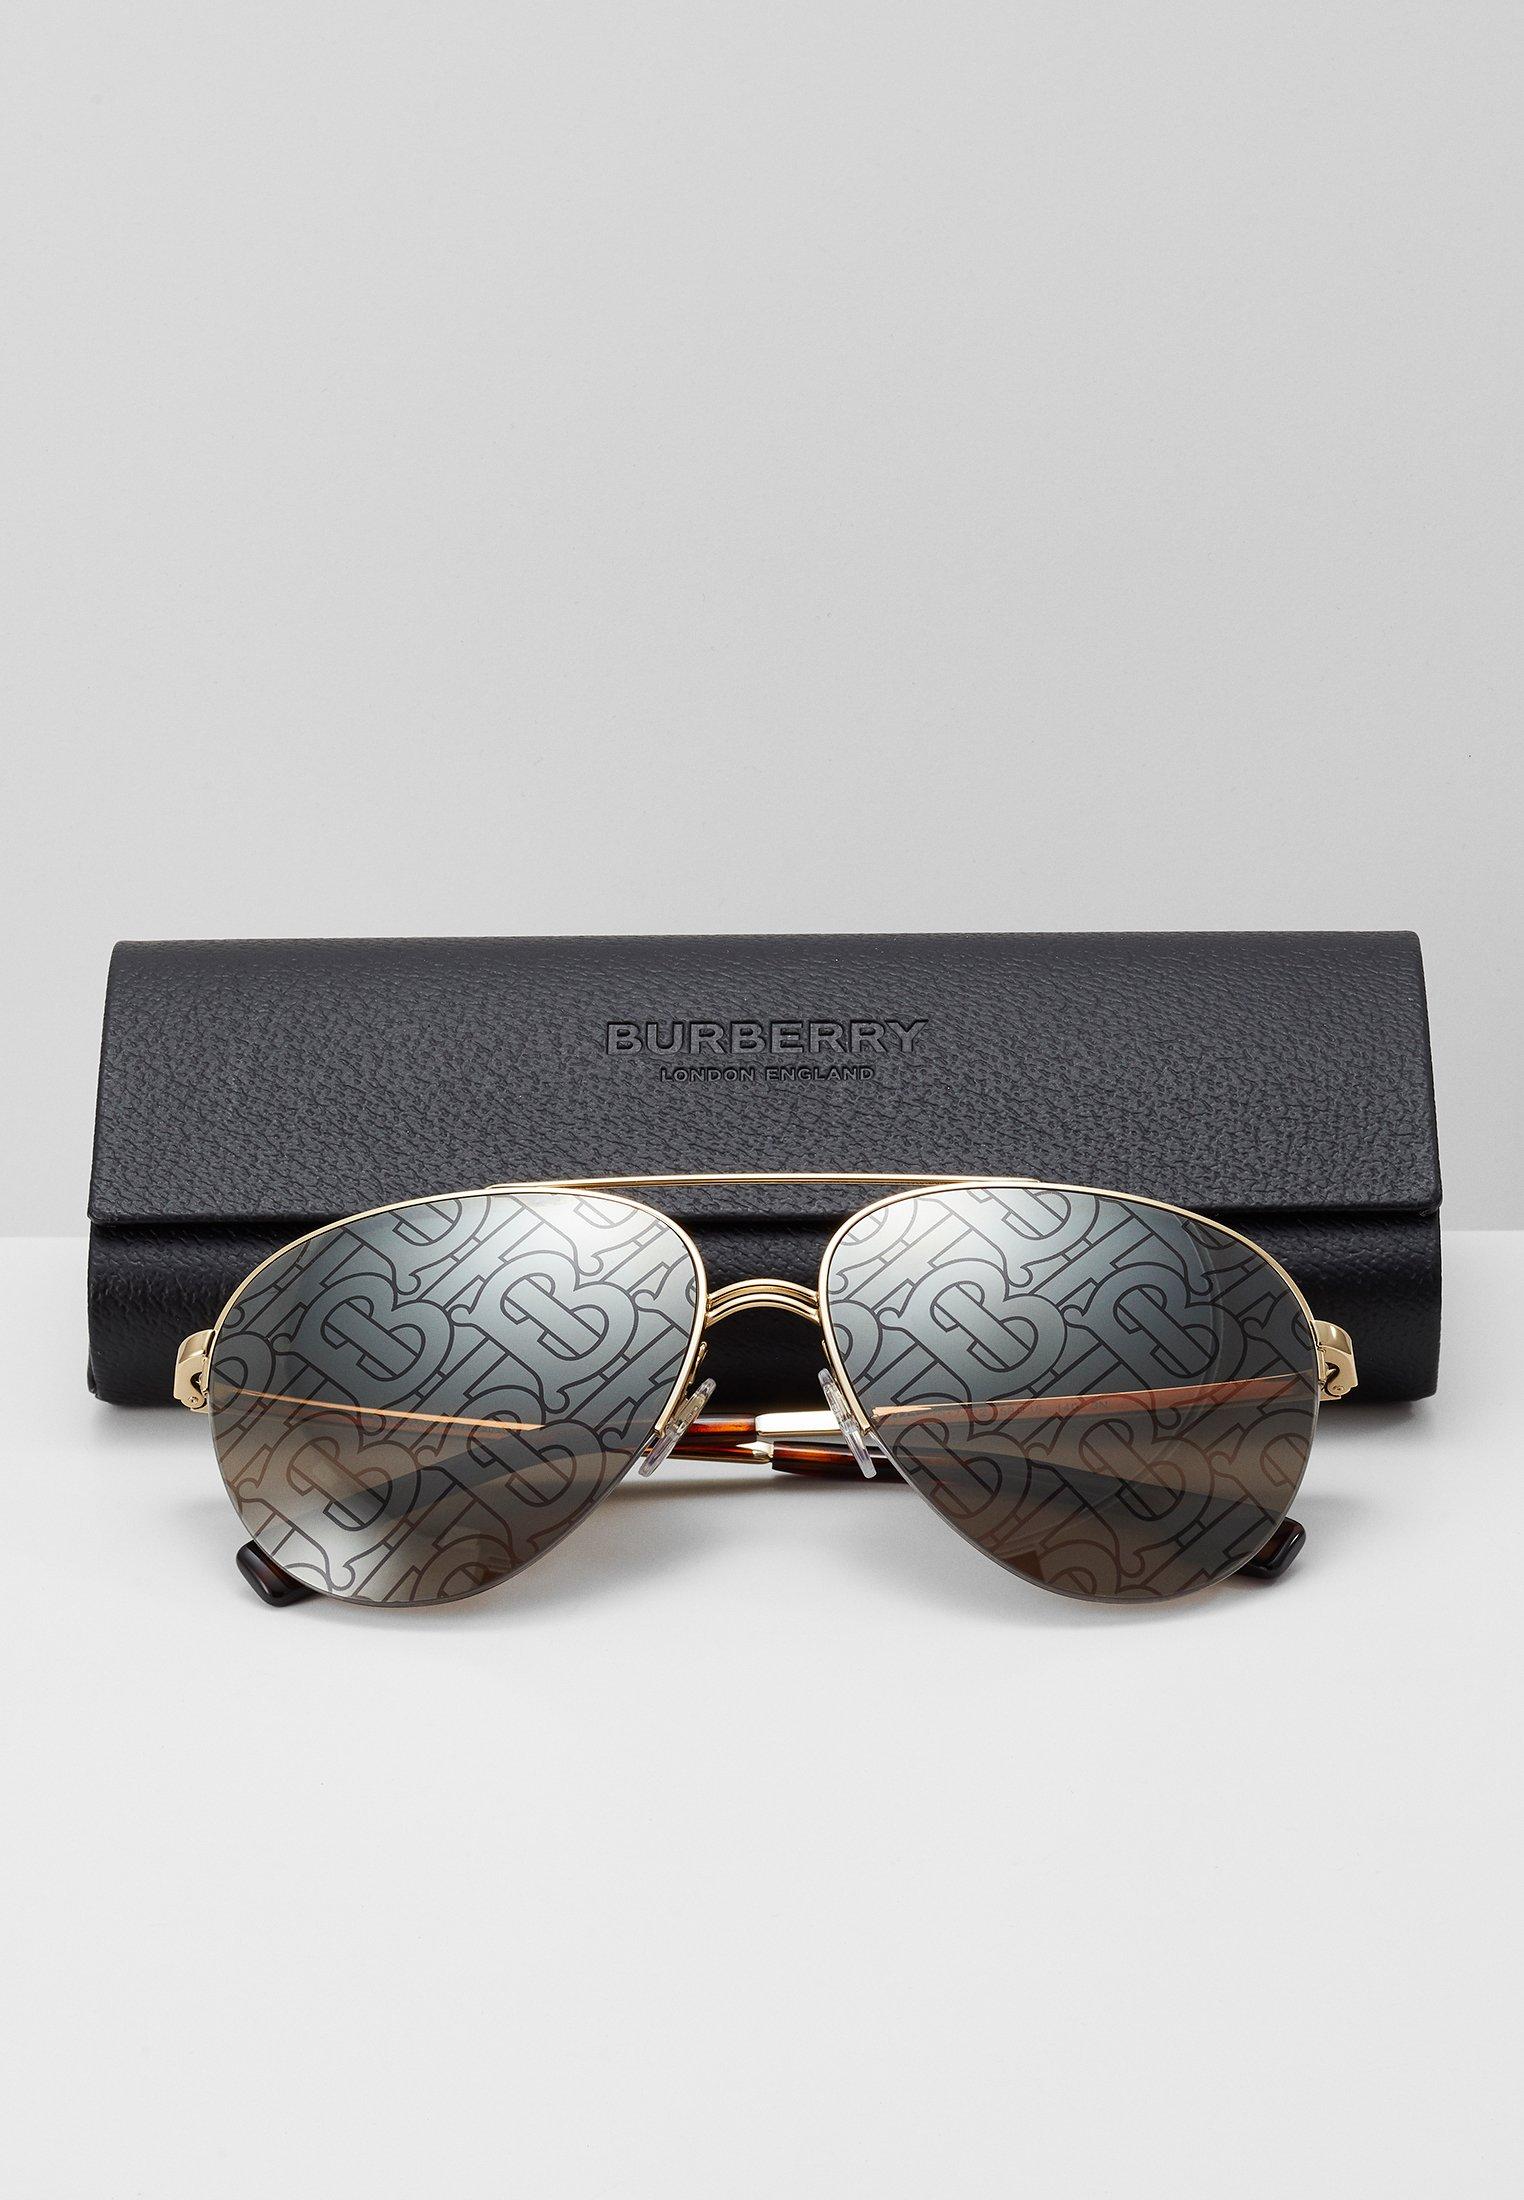 Burberry Solbriller - gold/gull FuLUr7zXCvXP2wu